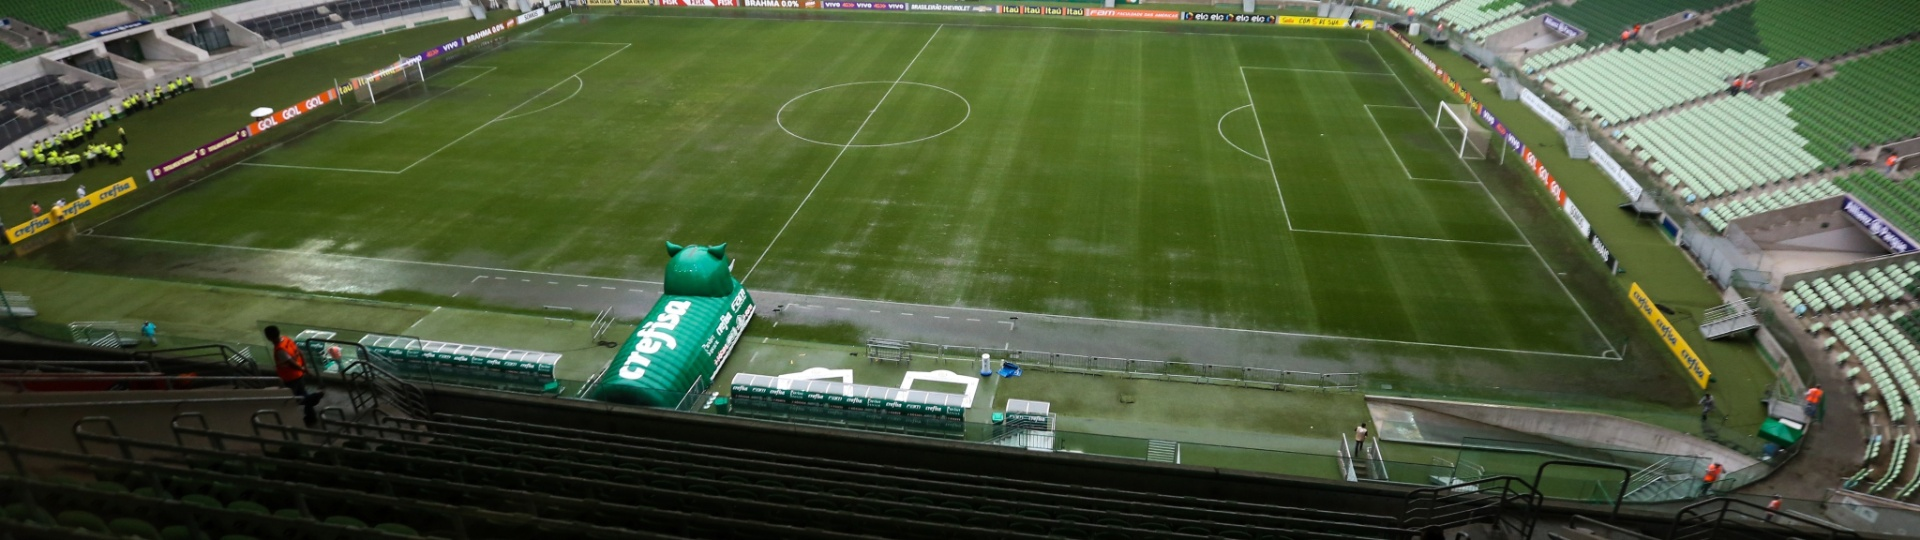 Chuva afeta gramado do Allianz Parque antes do confronto entre Palmeiras e Coritiba